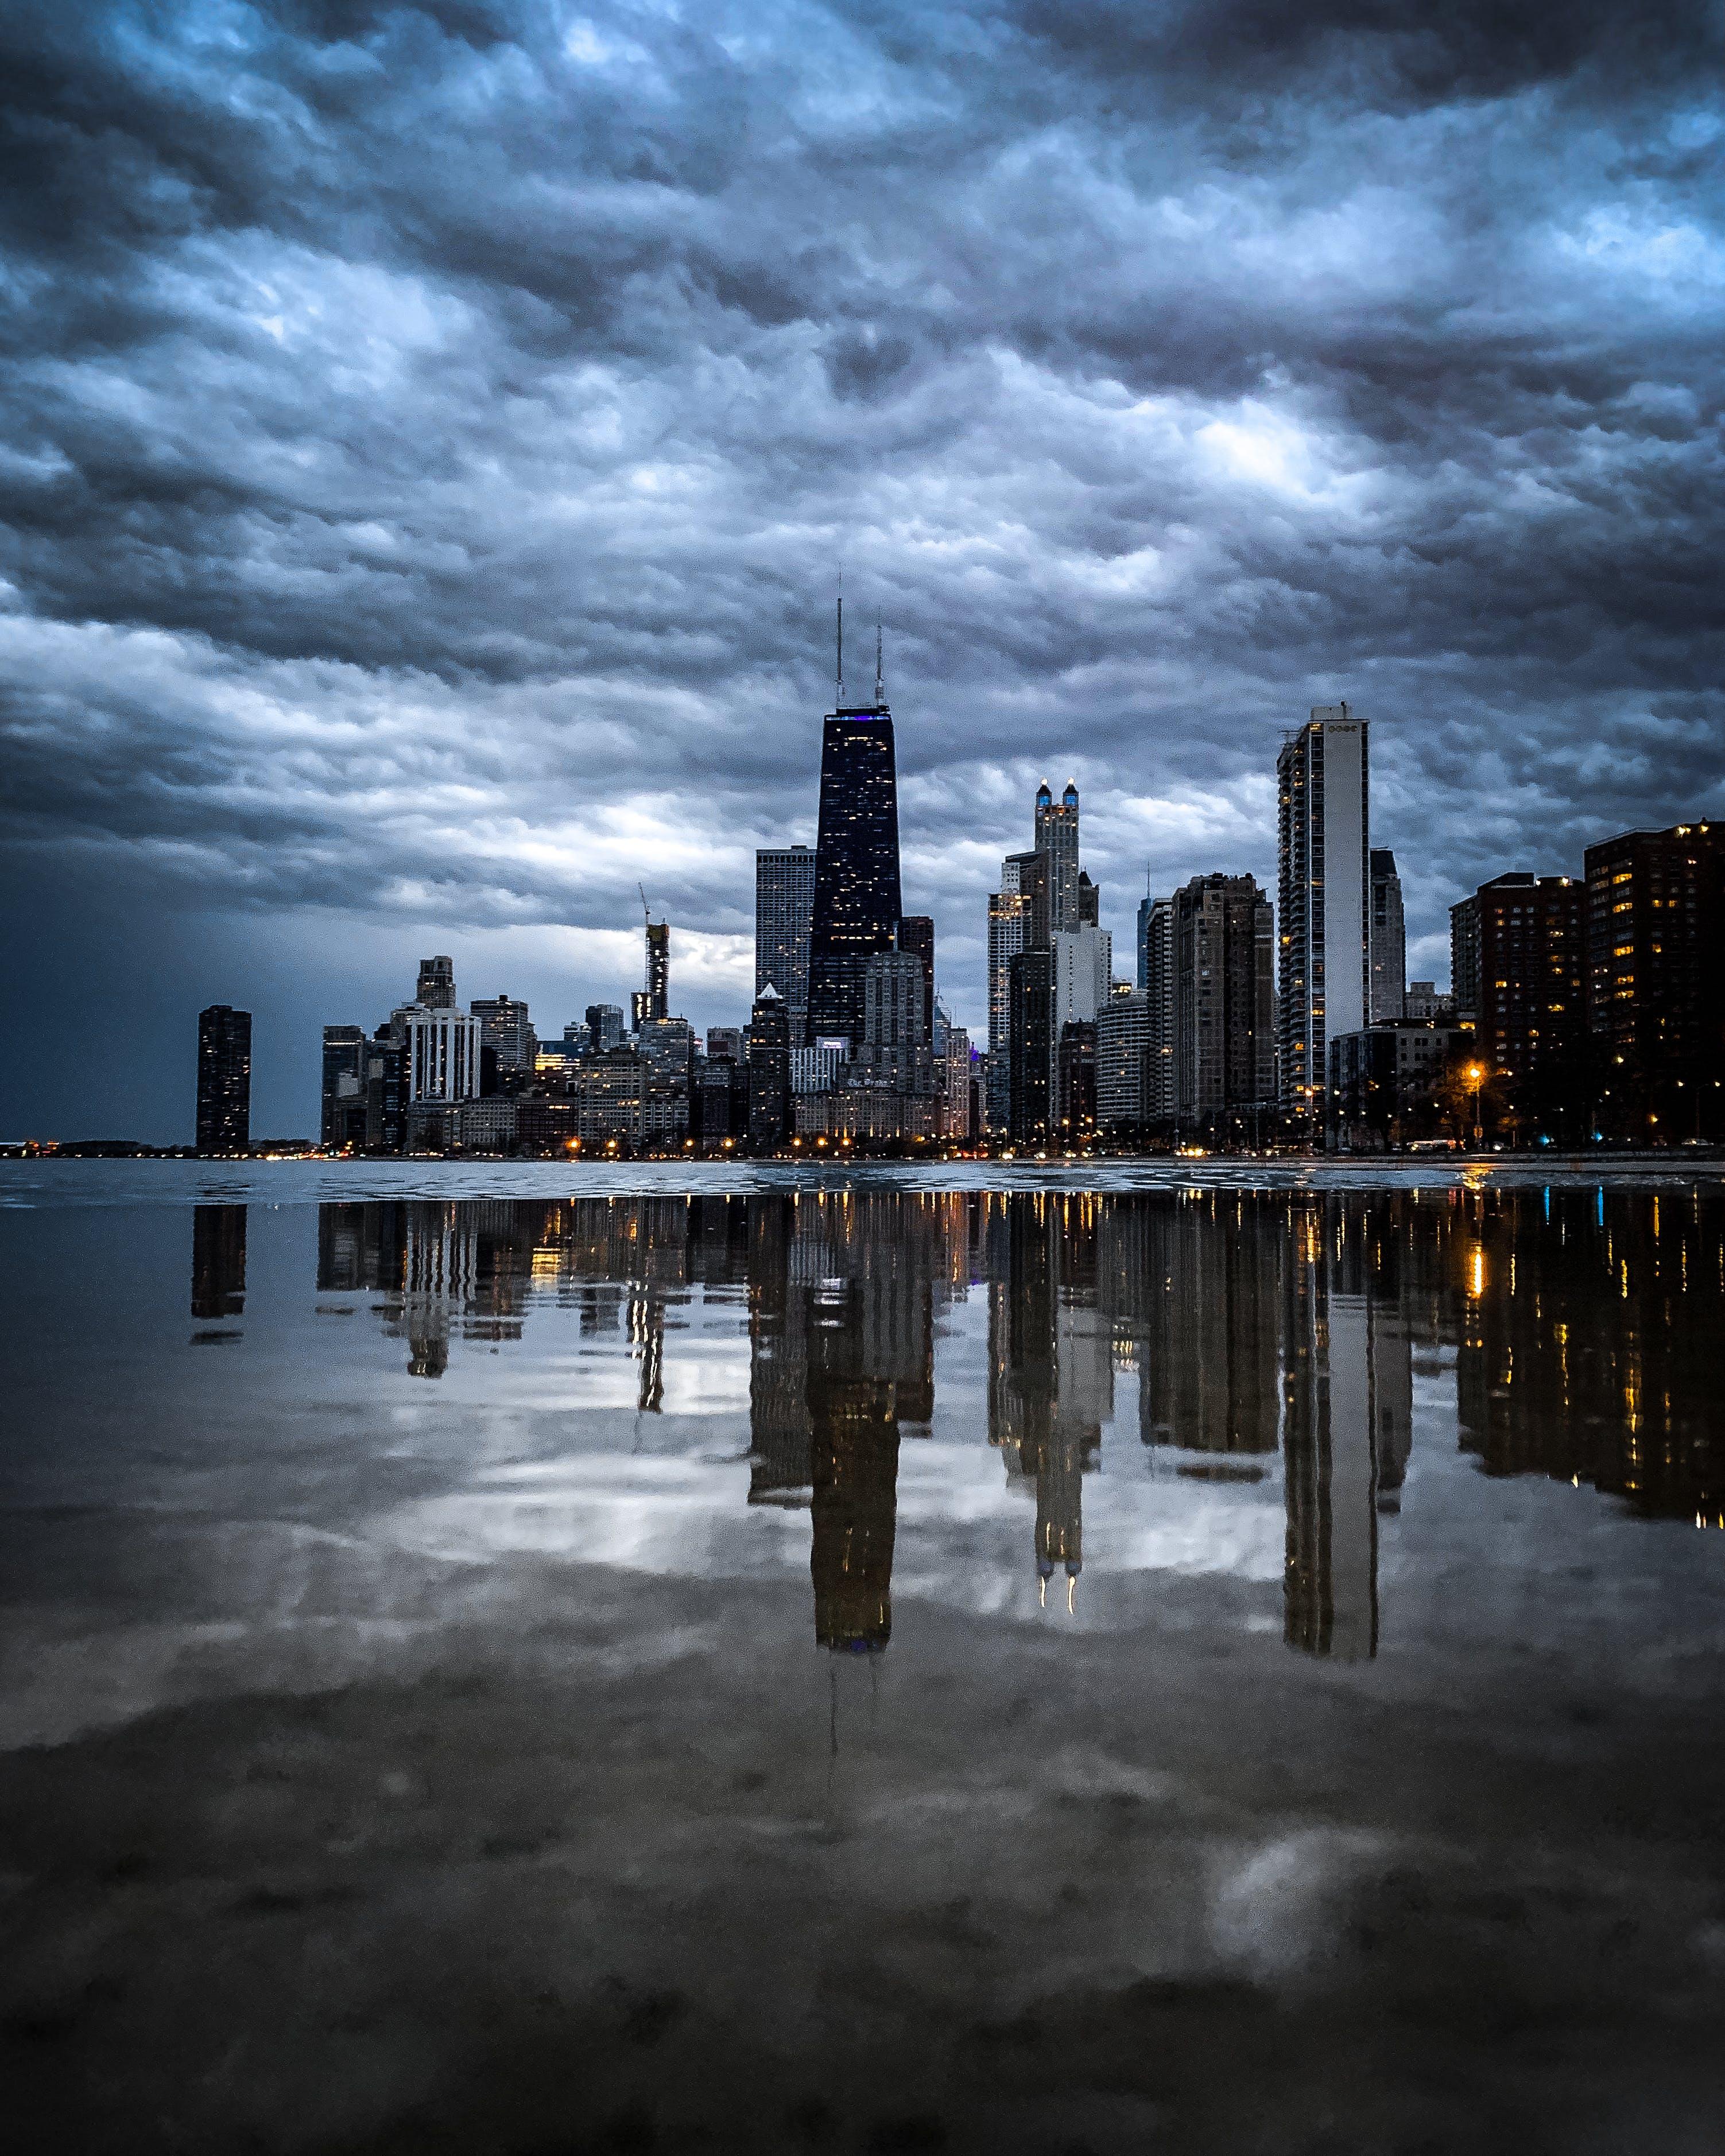 강가, 건물, 건축, 고층 건물의 무료 스톡 사진